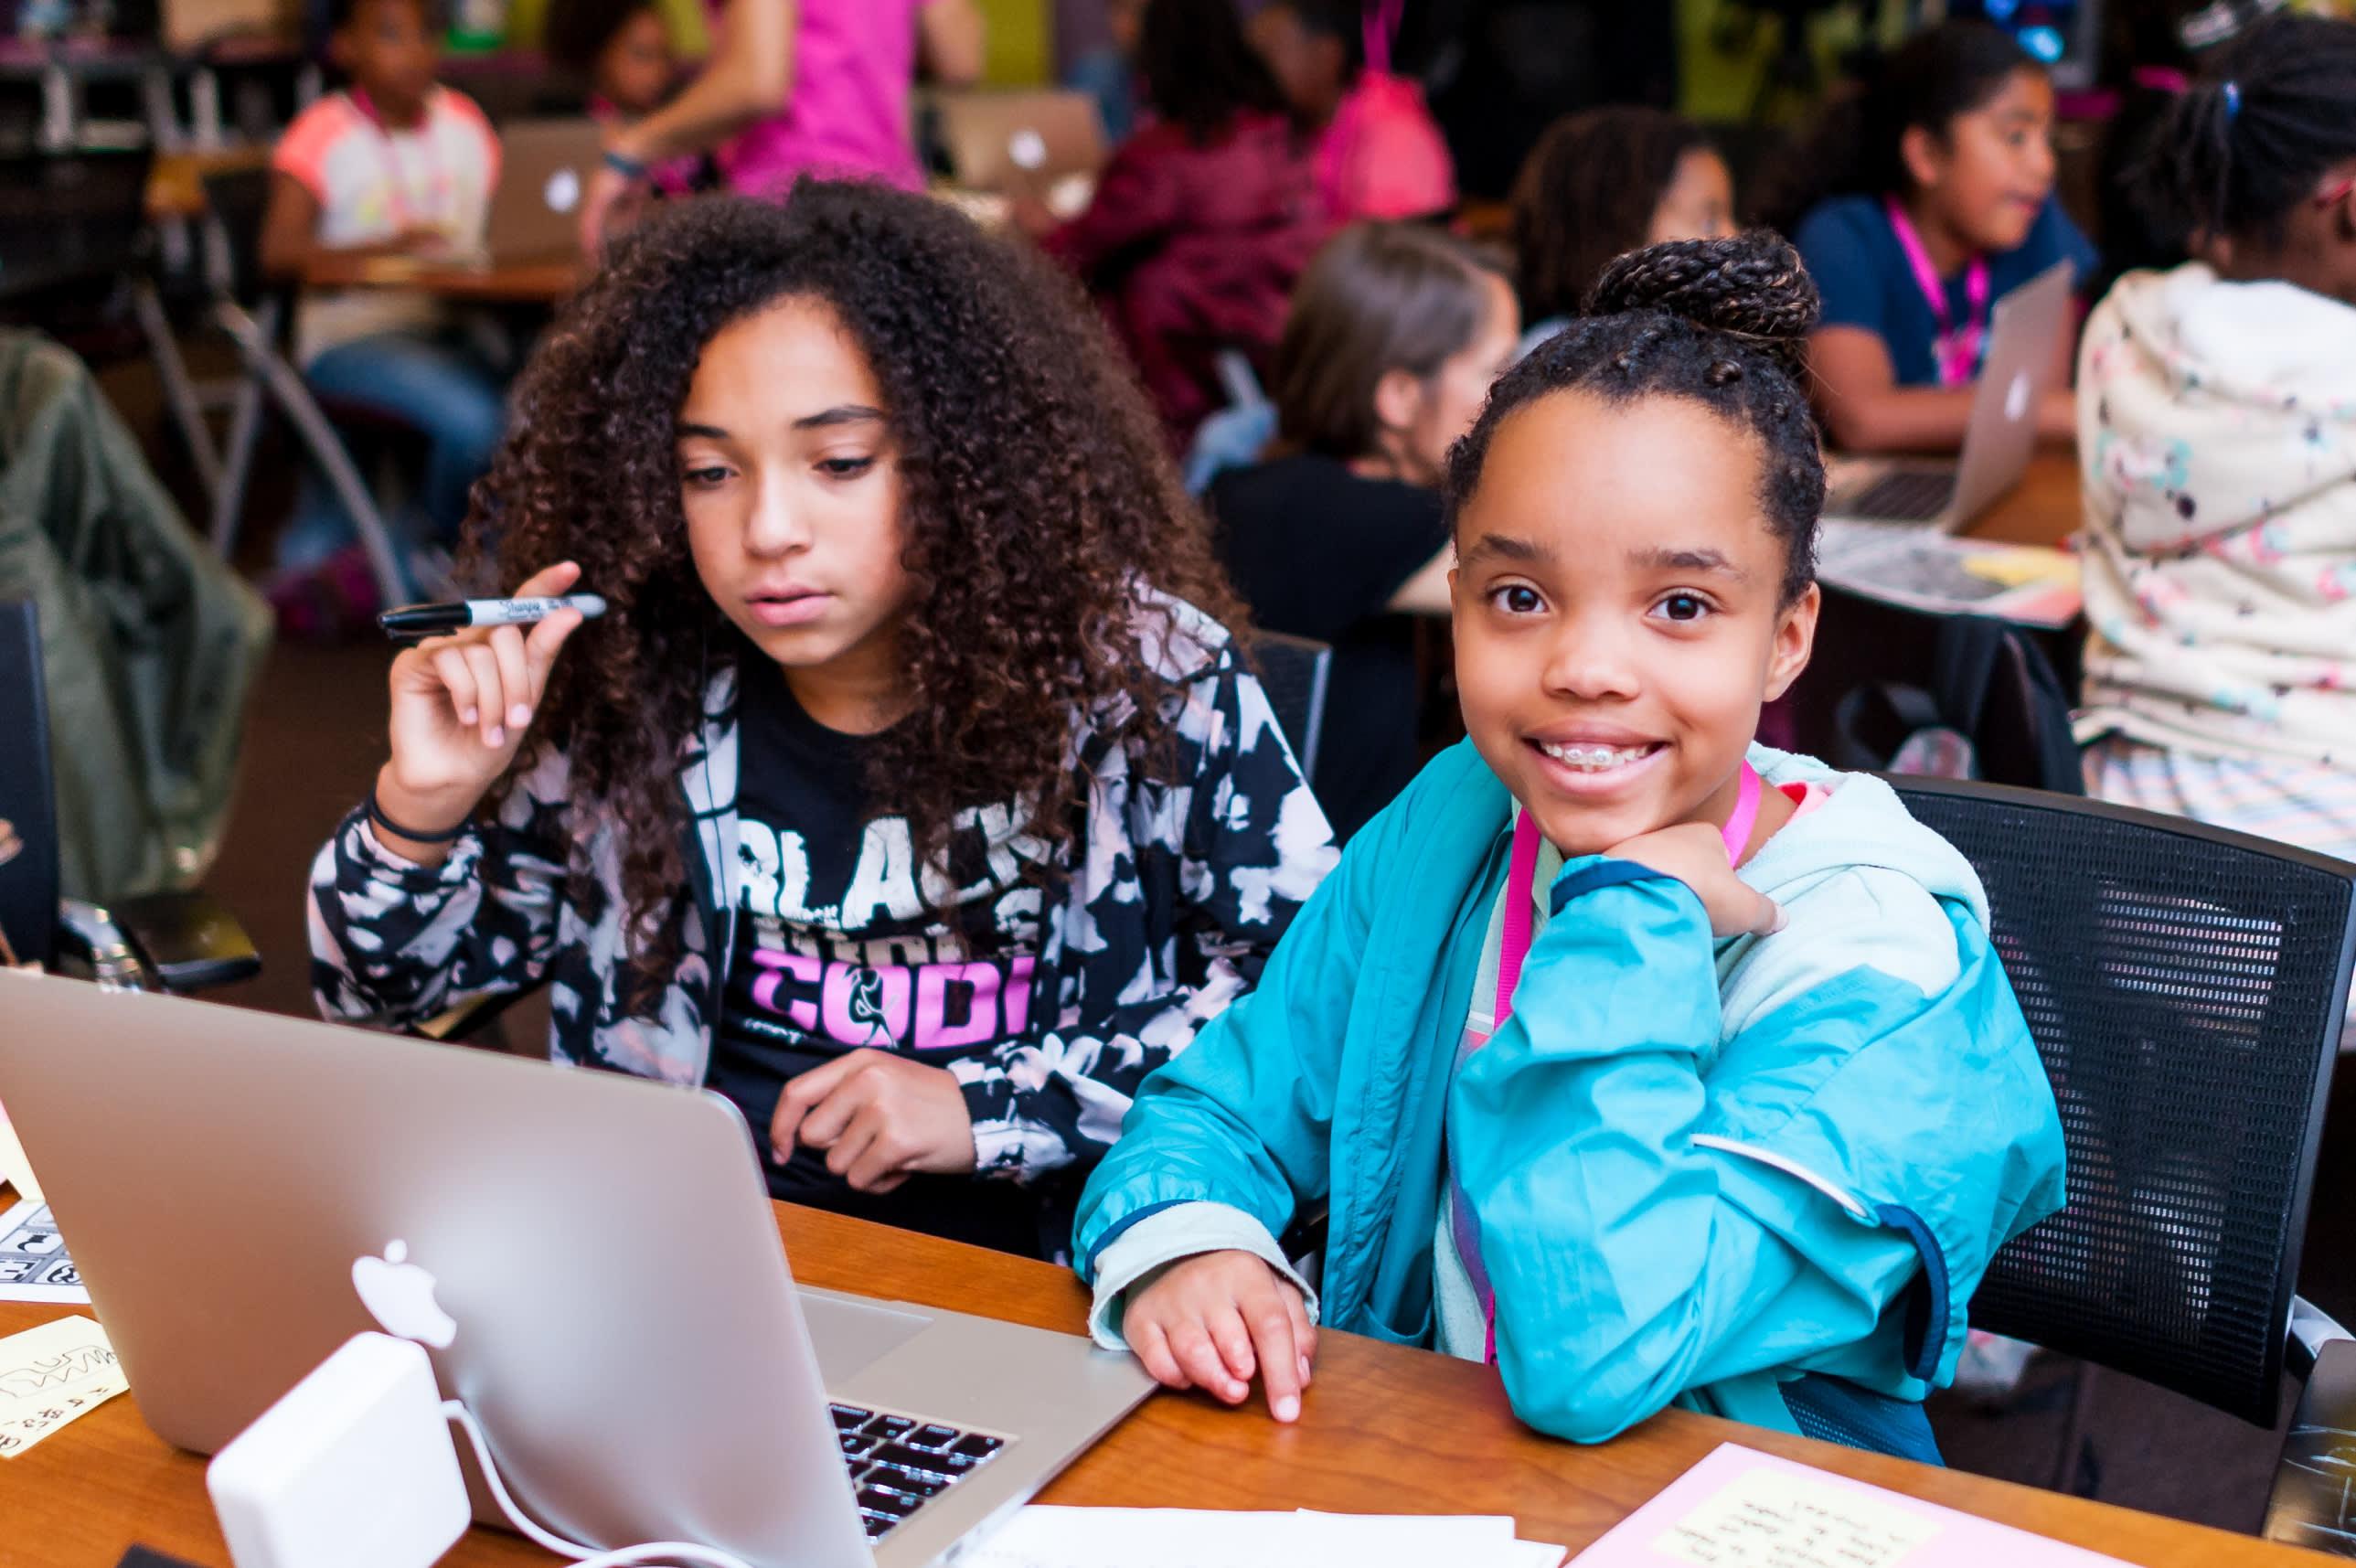 Zwei junge Mädchen lernen an einem Computer.